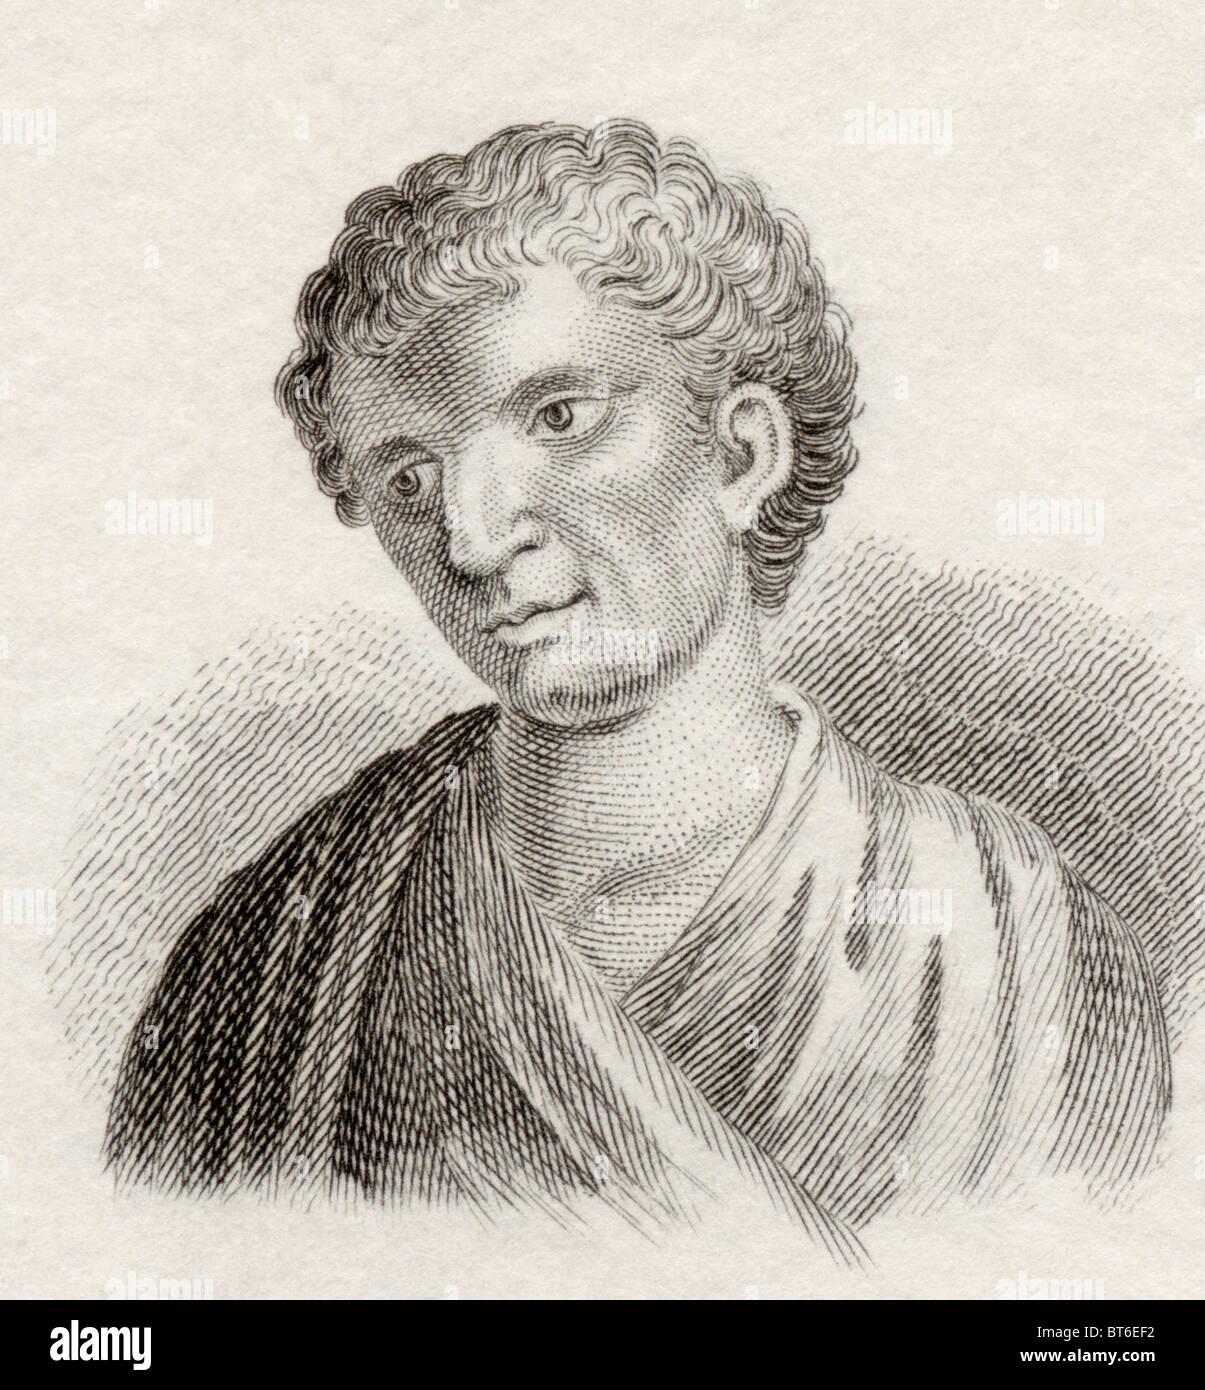 Demóstenes, de 384 a 322 antes de Cristo. Estadista y orador griego de la antigua Atenas. Imagen De Stock